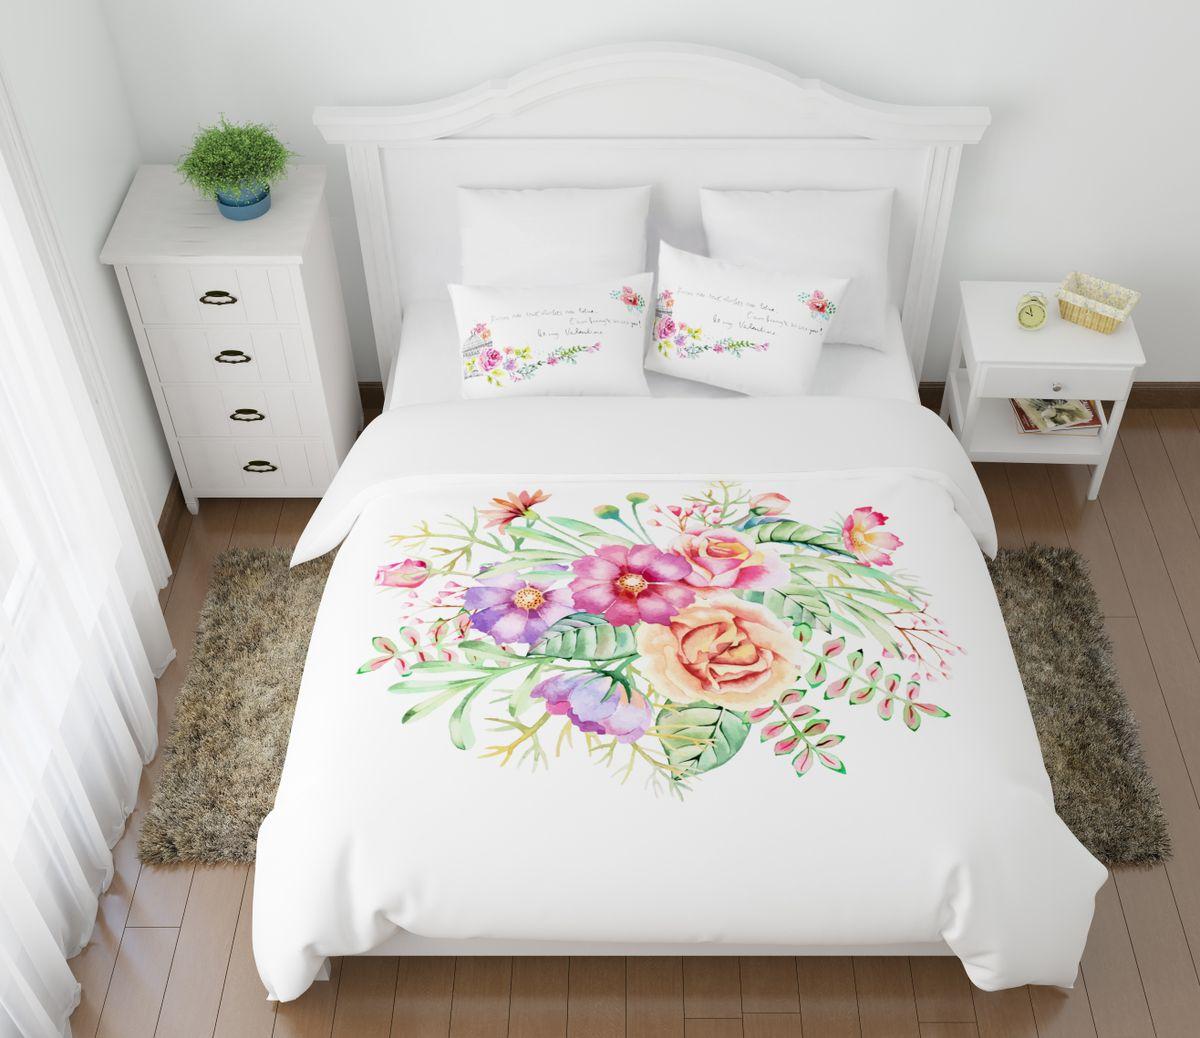 Комплект белья Сирень Вальс цветов, 1,5-спальный, наволочки 50x70ES-412Комплект постельного белья Сирень состоит из простыни, пододеяльника и 2 наволочек. Комплект выполнен из современных гипоаллергенных материалов. Приятный при прикосновении сатин - гарантия здорового, спокойного сна. Ткань хорошо впитывает влагу, надолго сохраняет яркость красок. Четкий, изящный рисунок в сочетании с насыщенными красками делает комплект постельного белья неповторимой изюминкой любого интерьера. Постельное белье идеально подойдет для подарка.